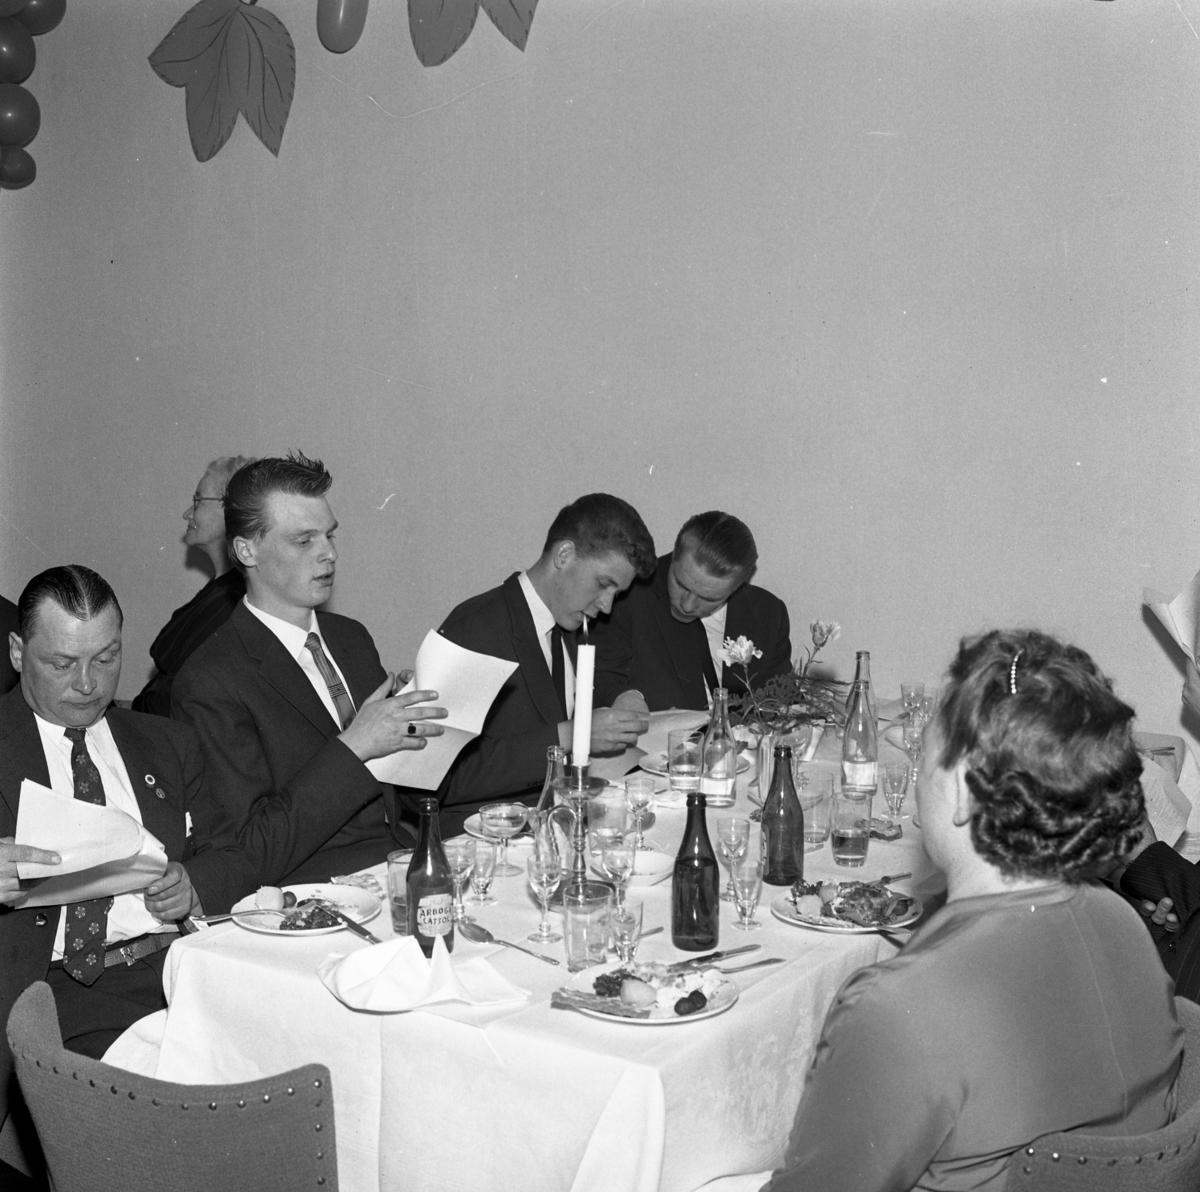 Elektrikerförbundets Arbogaavdelning firar jubileum med middag. Mannen längst till höger är Stig-Arne Pettersson. Män och kvinnor vid dukat bord. Dekorationer på väggen.